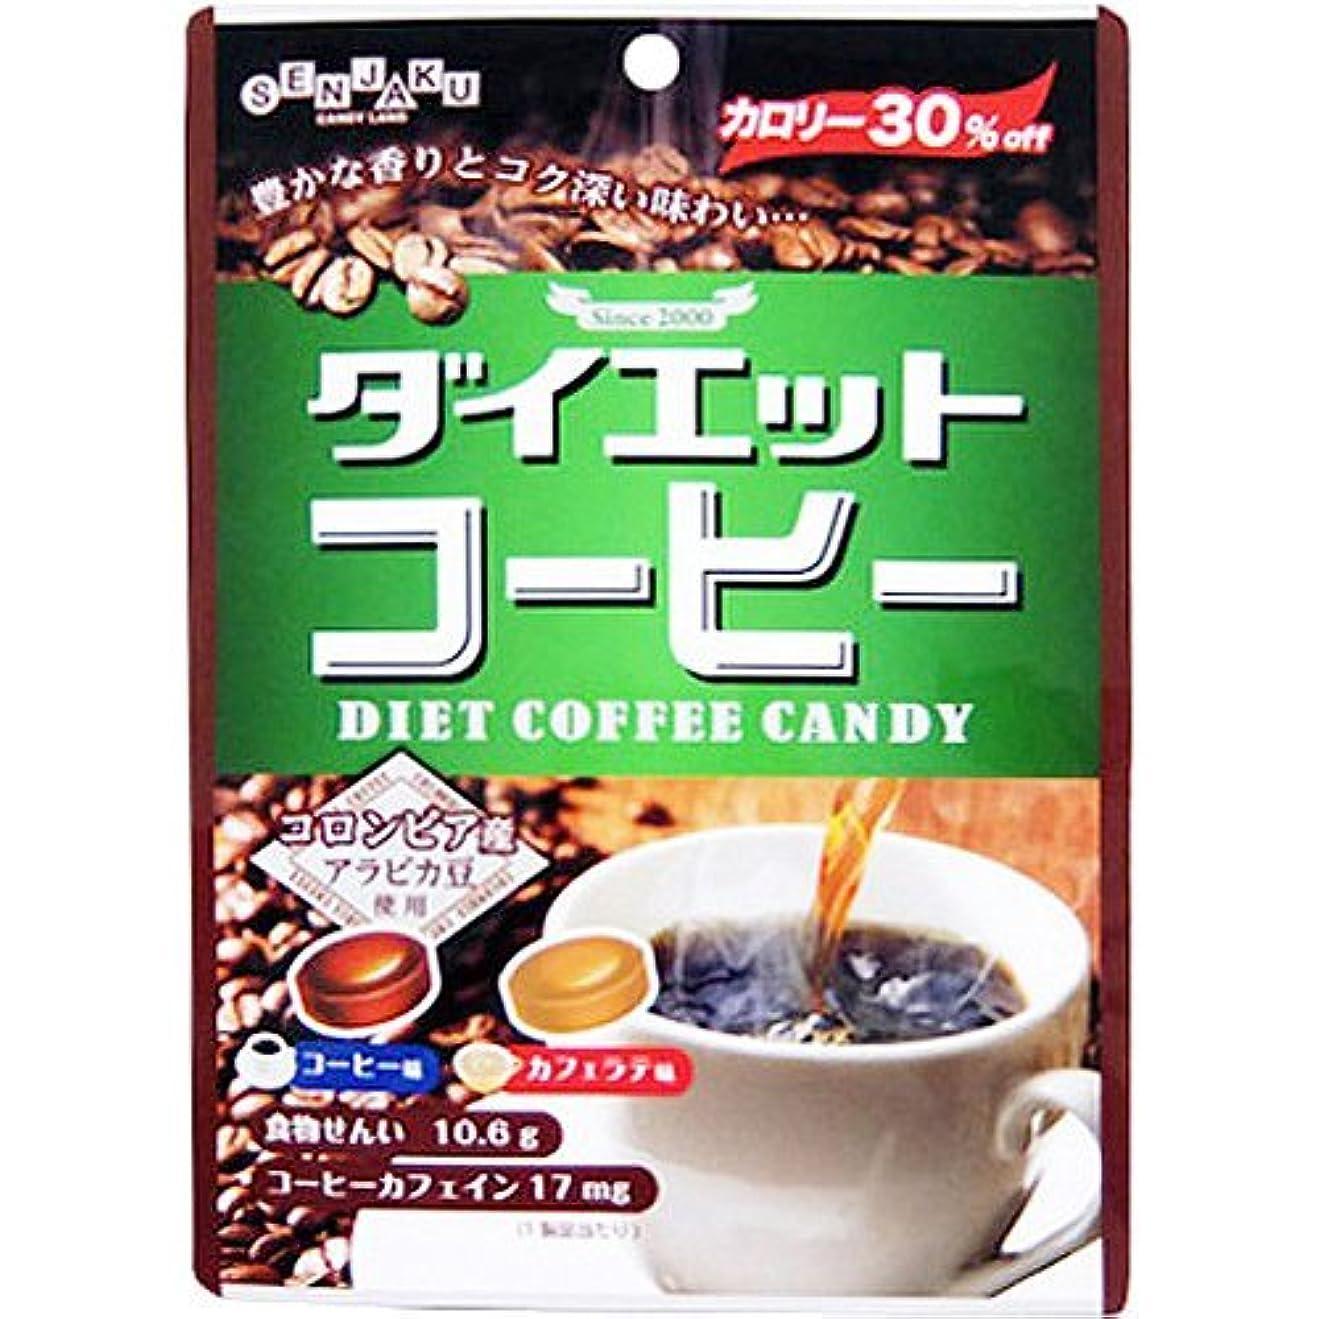 悲惨な考える特殊扇雀飴本舗 ダイエットコーヒー 80g